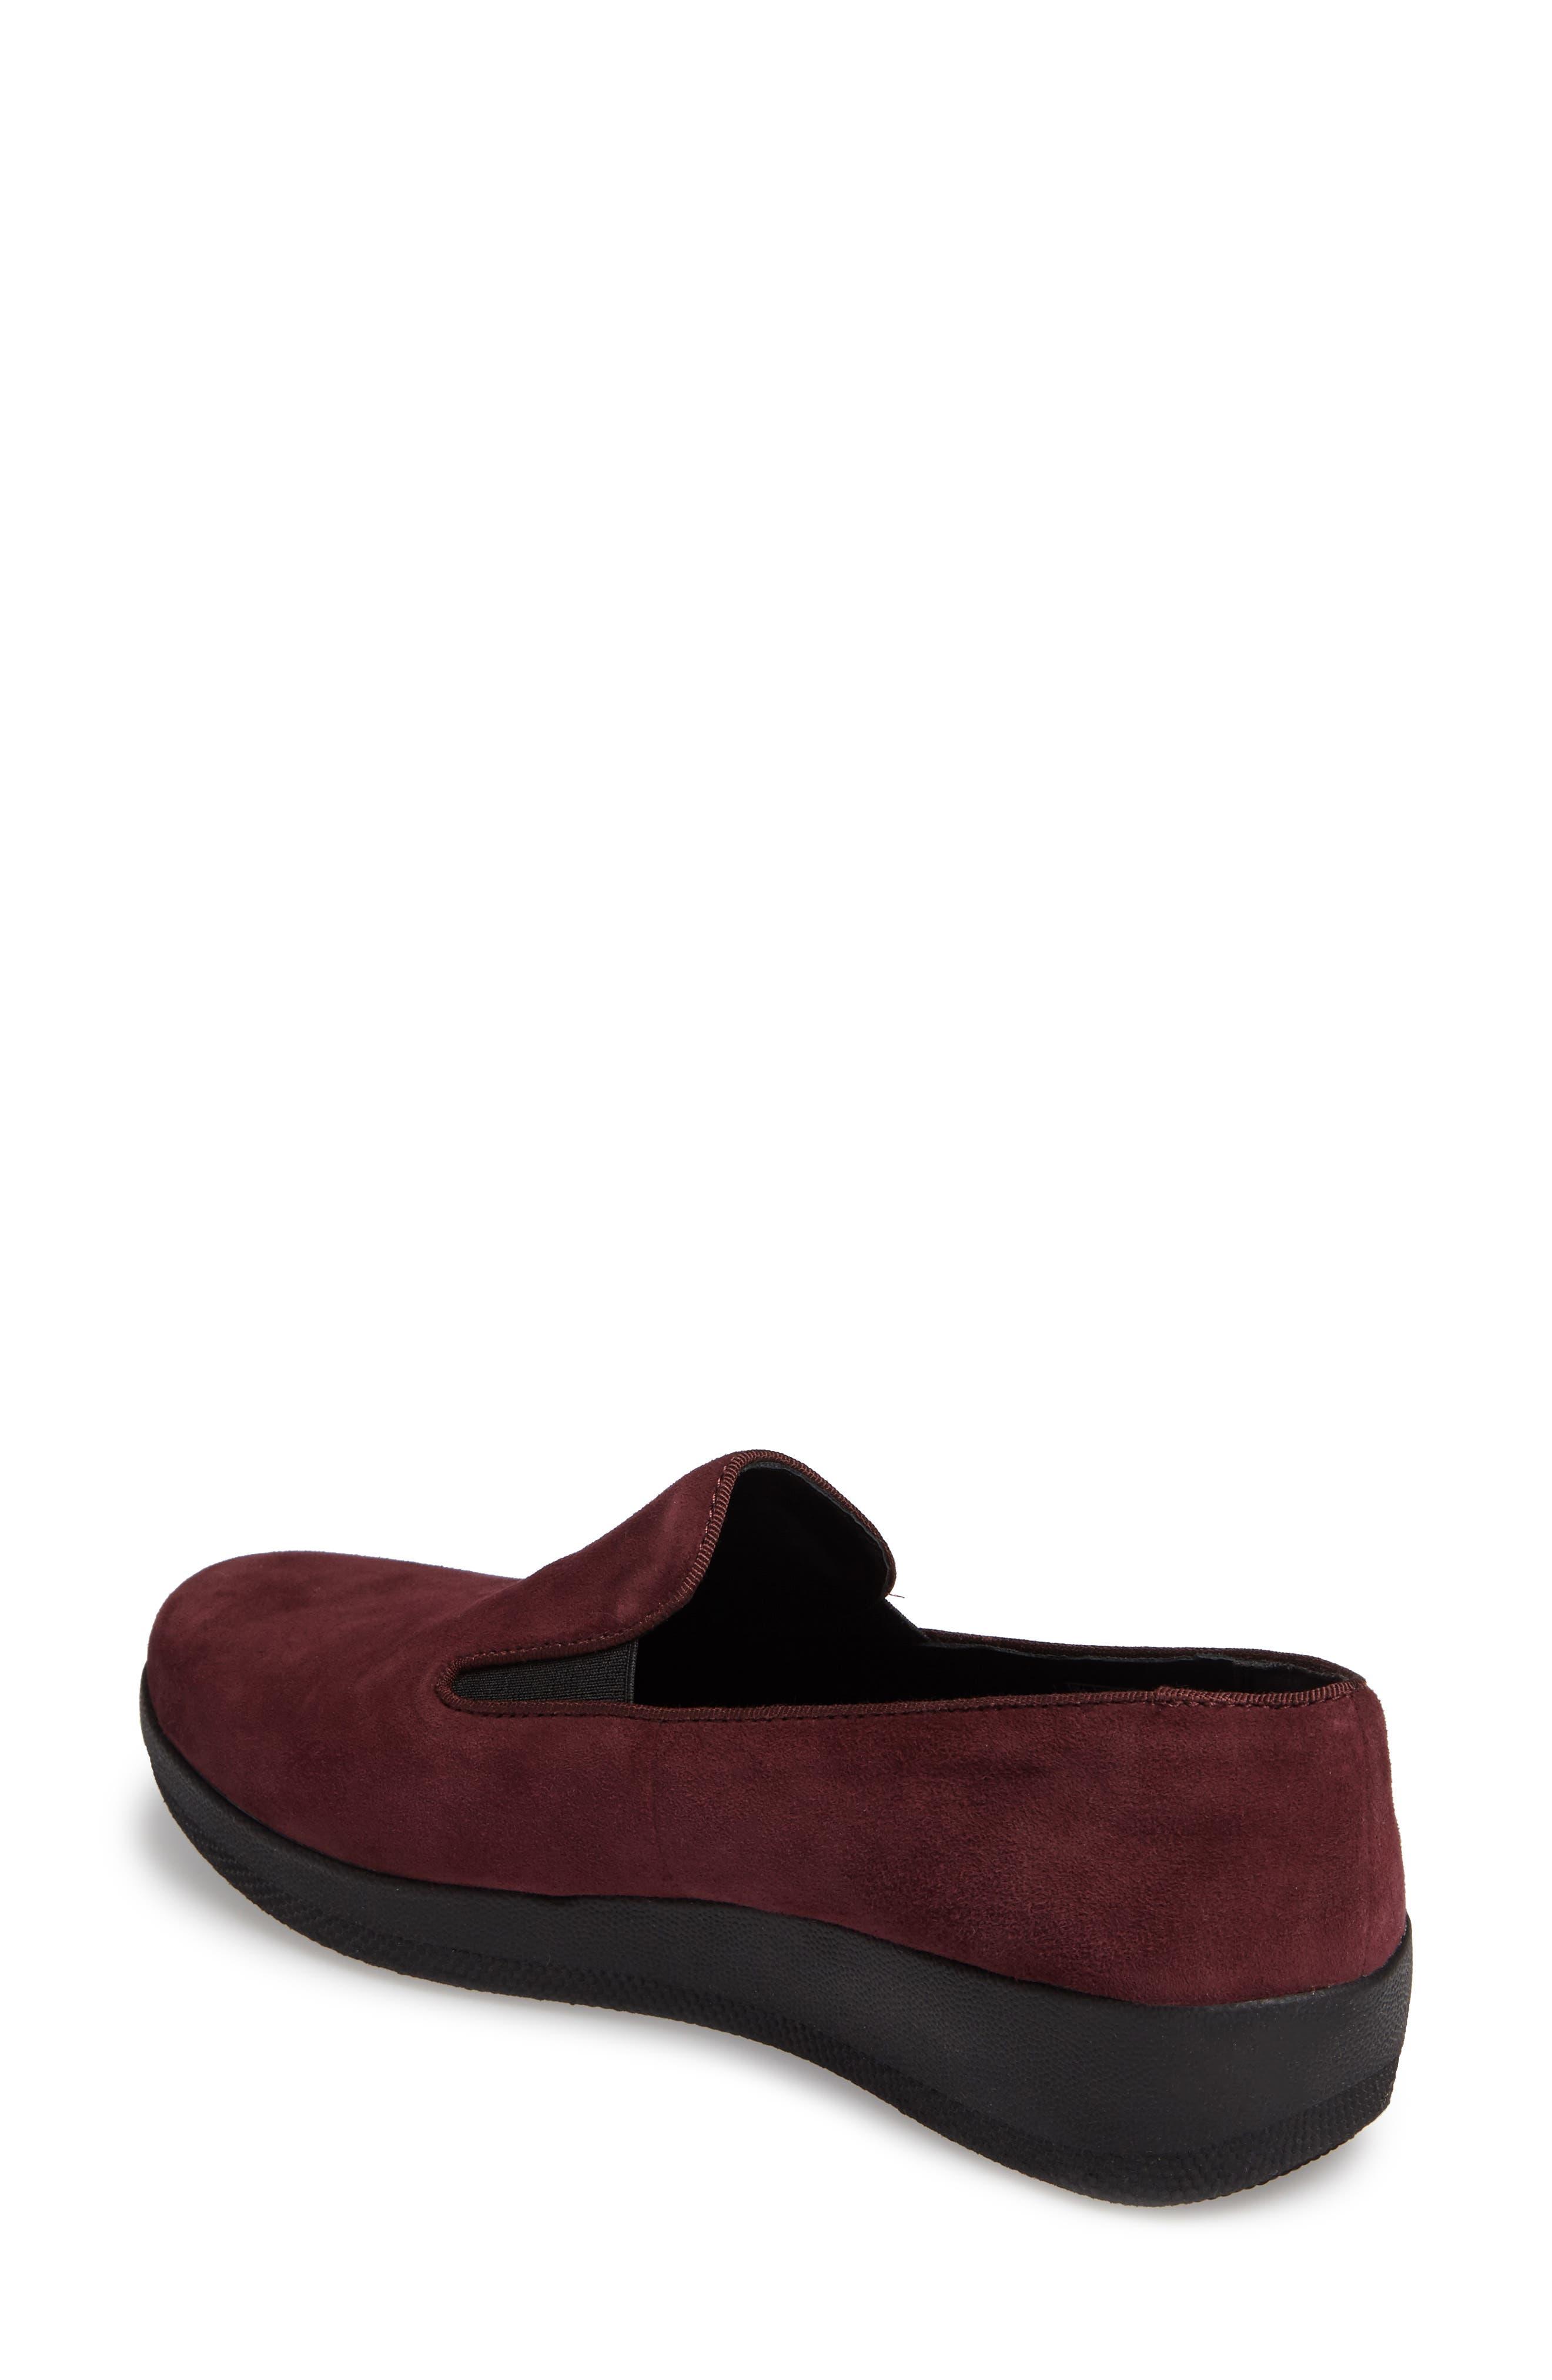 Superskate Slip-On Sneaker,                             Alternate thumbnail 57, color,